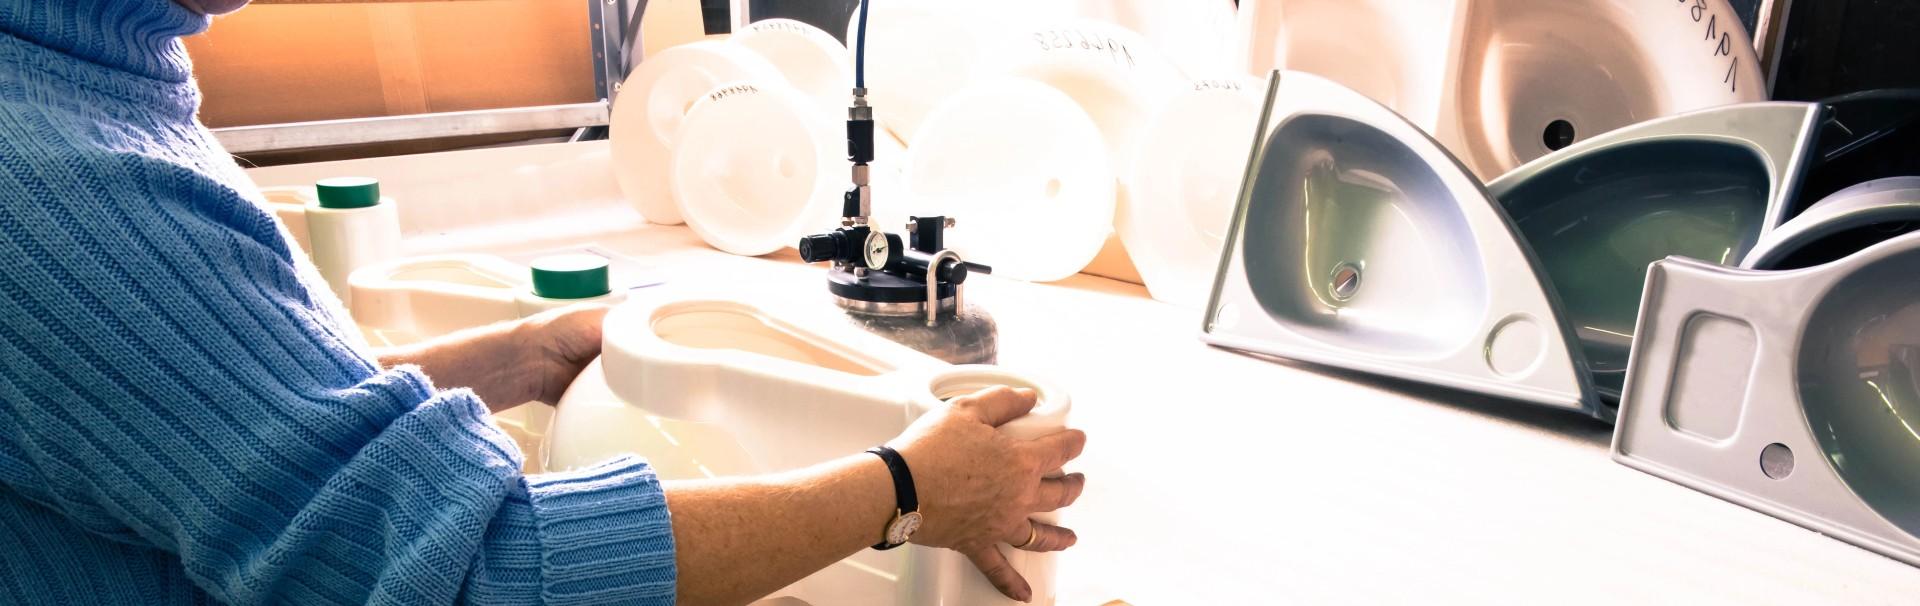 Mann mit blauem Pullover bearbeitet ein swissplast Kunststoffteil